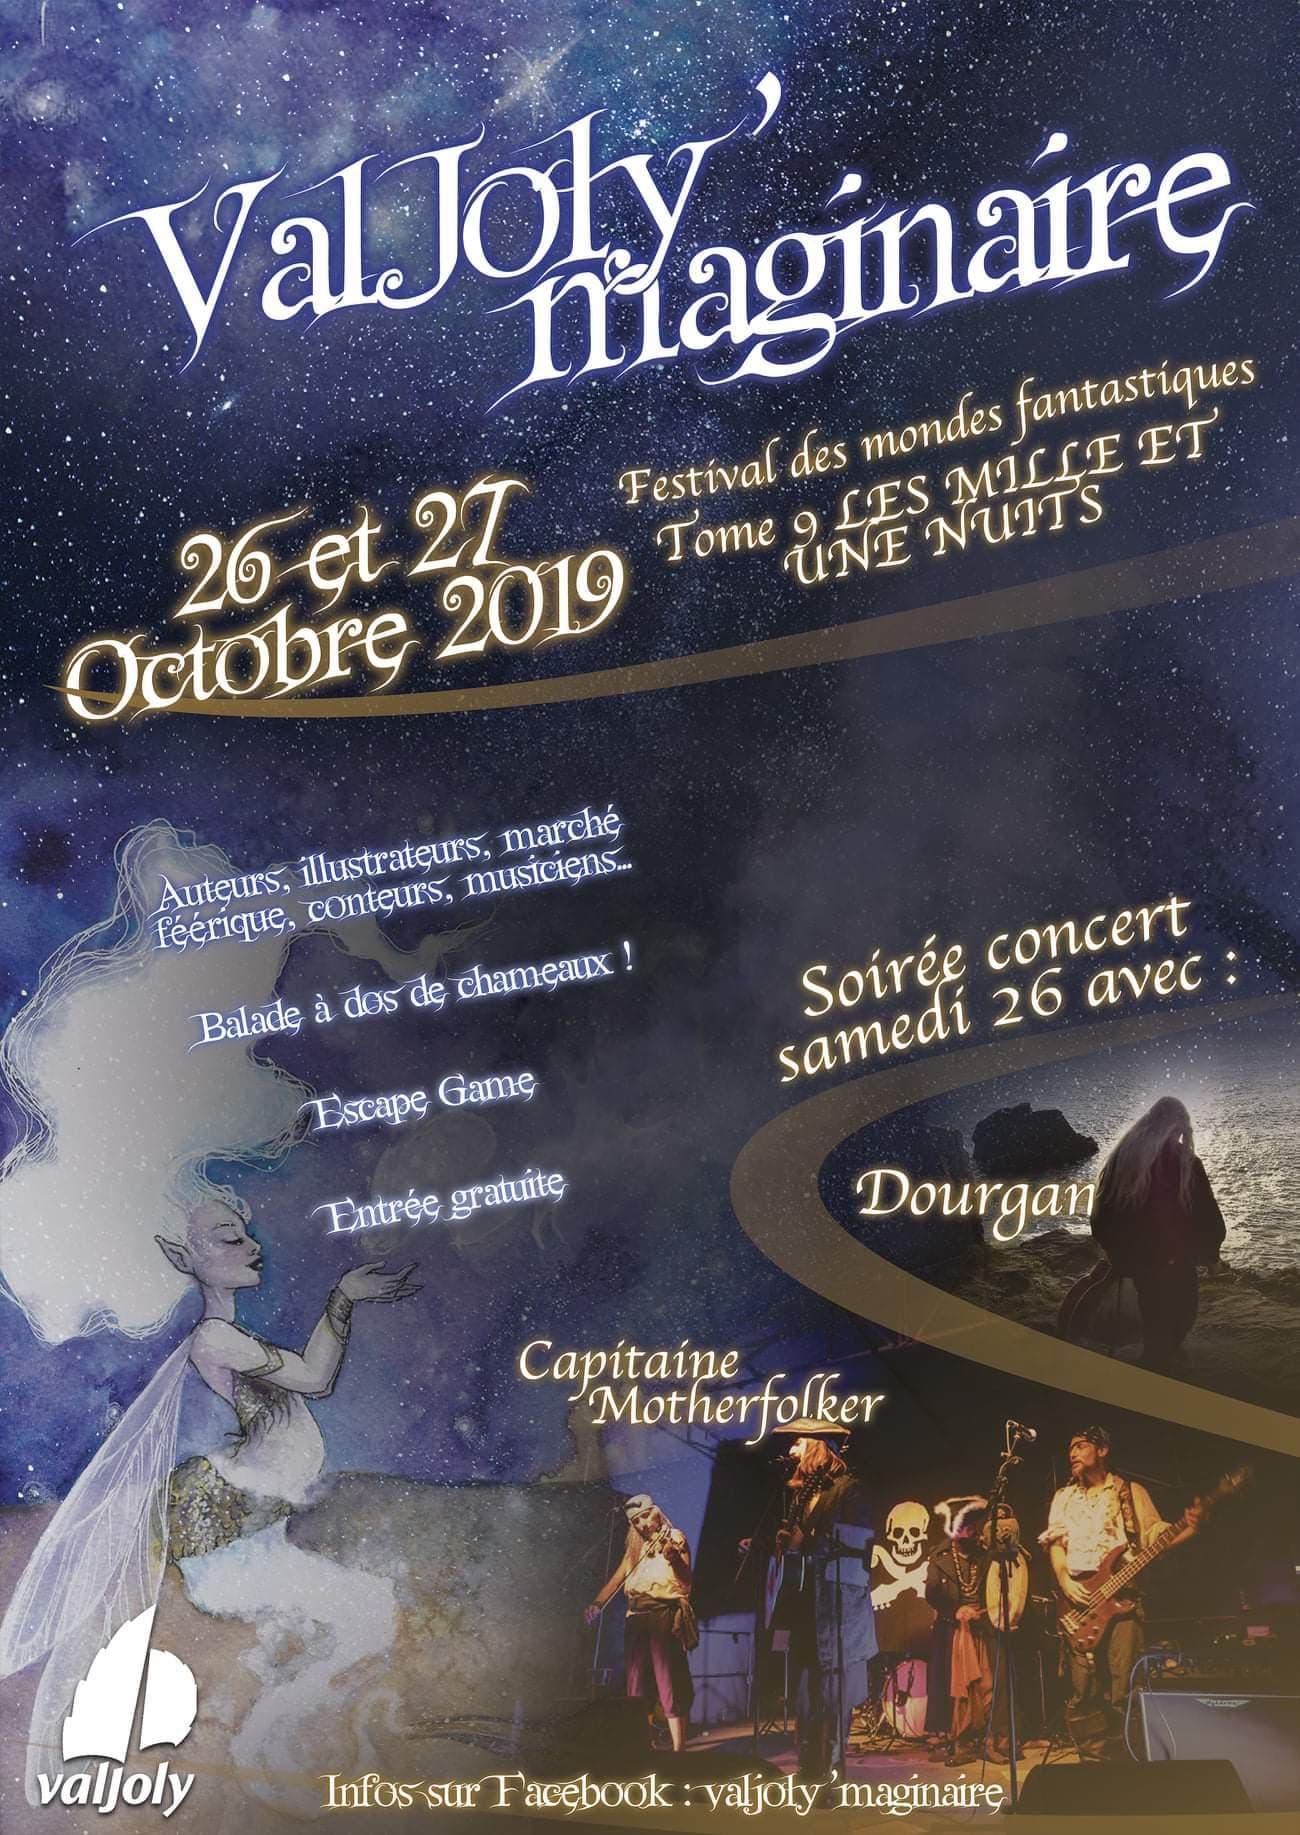 26/27 Octobre, concerts dans le Nord